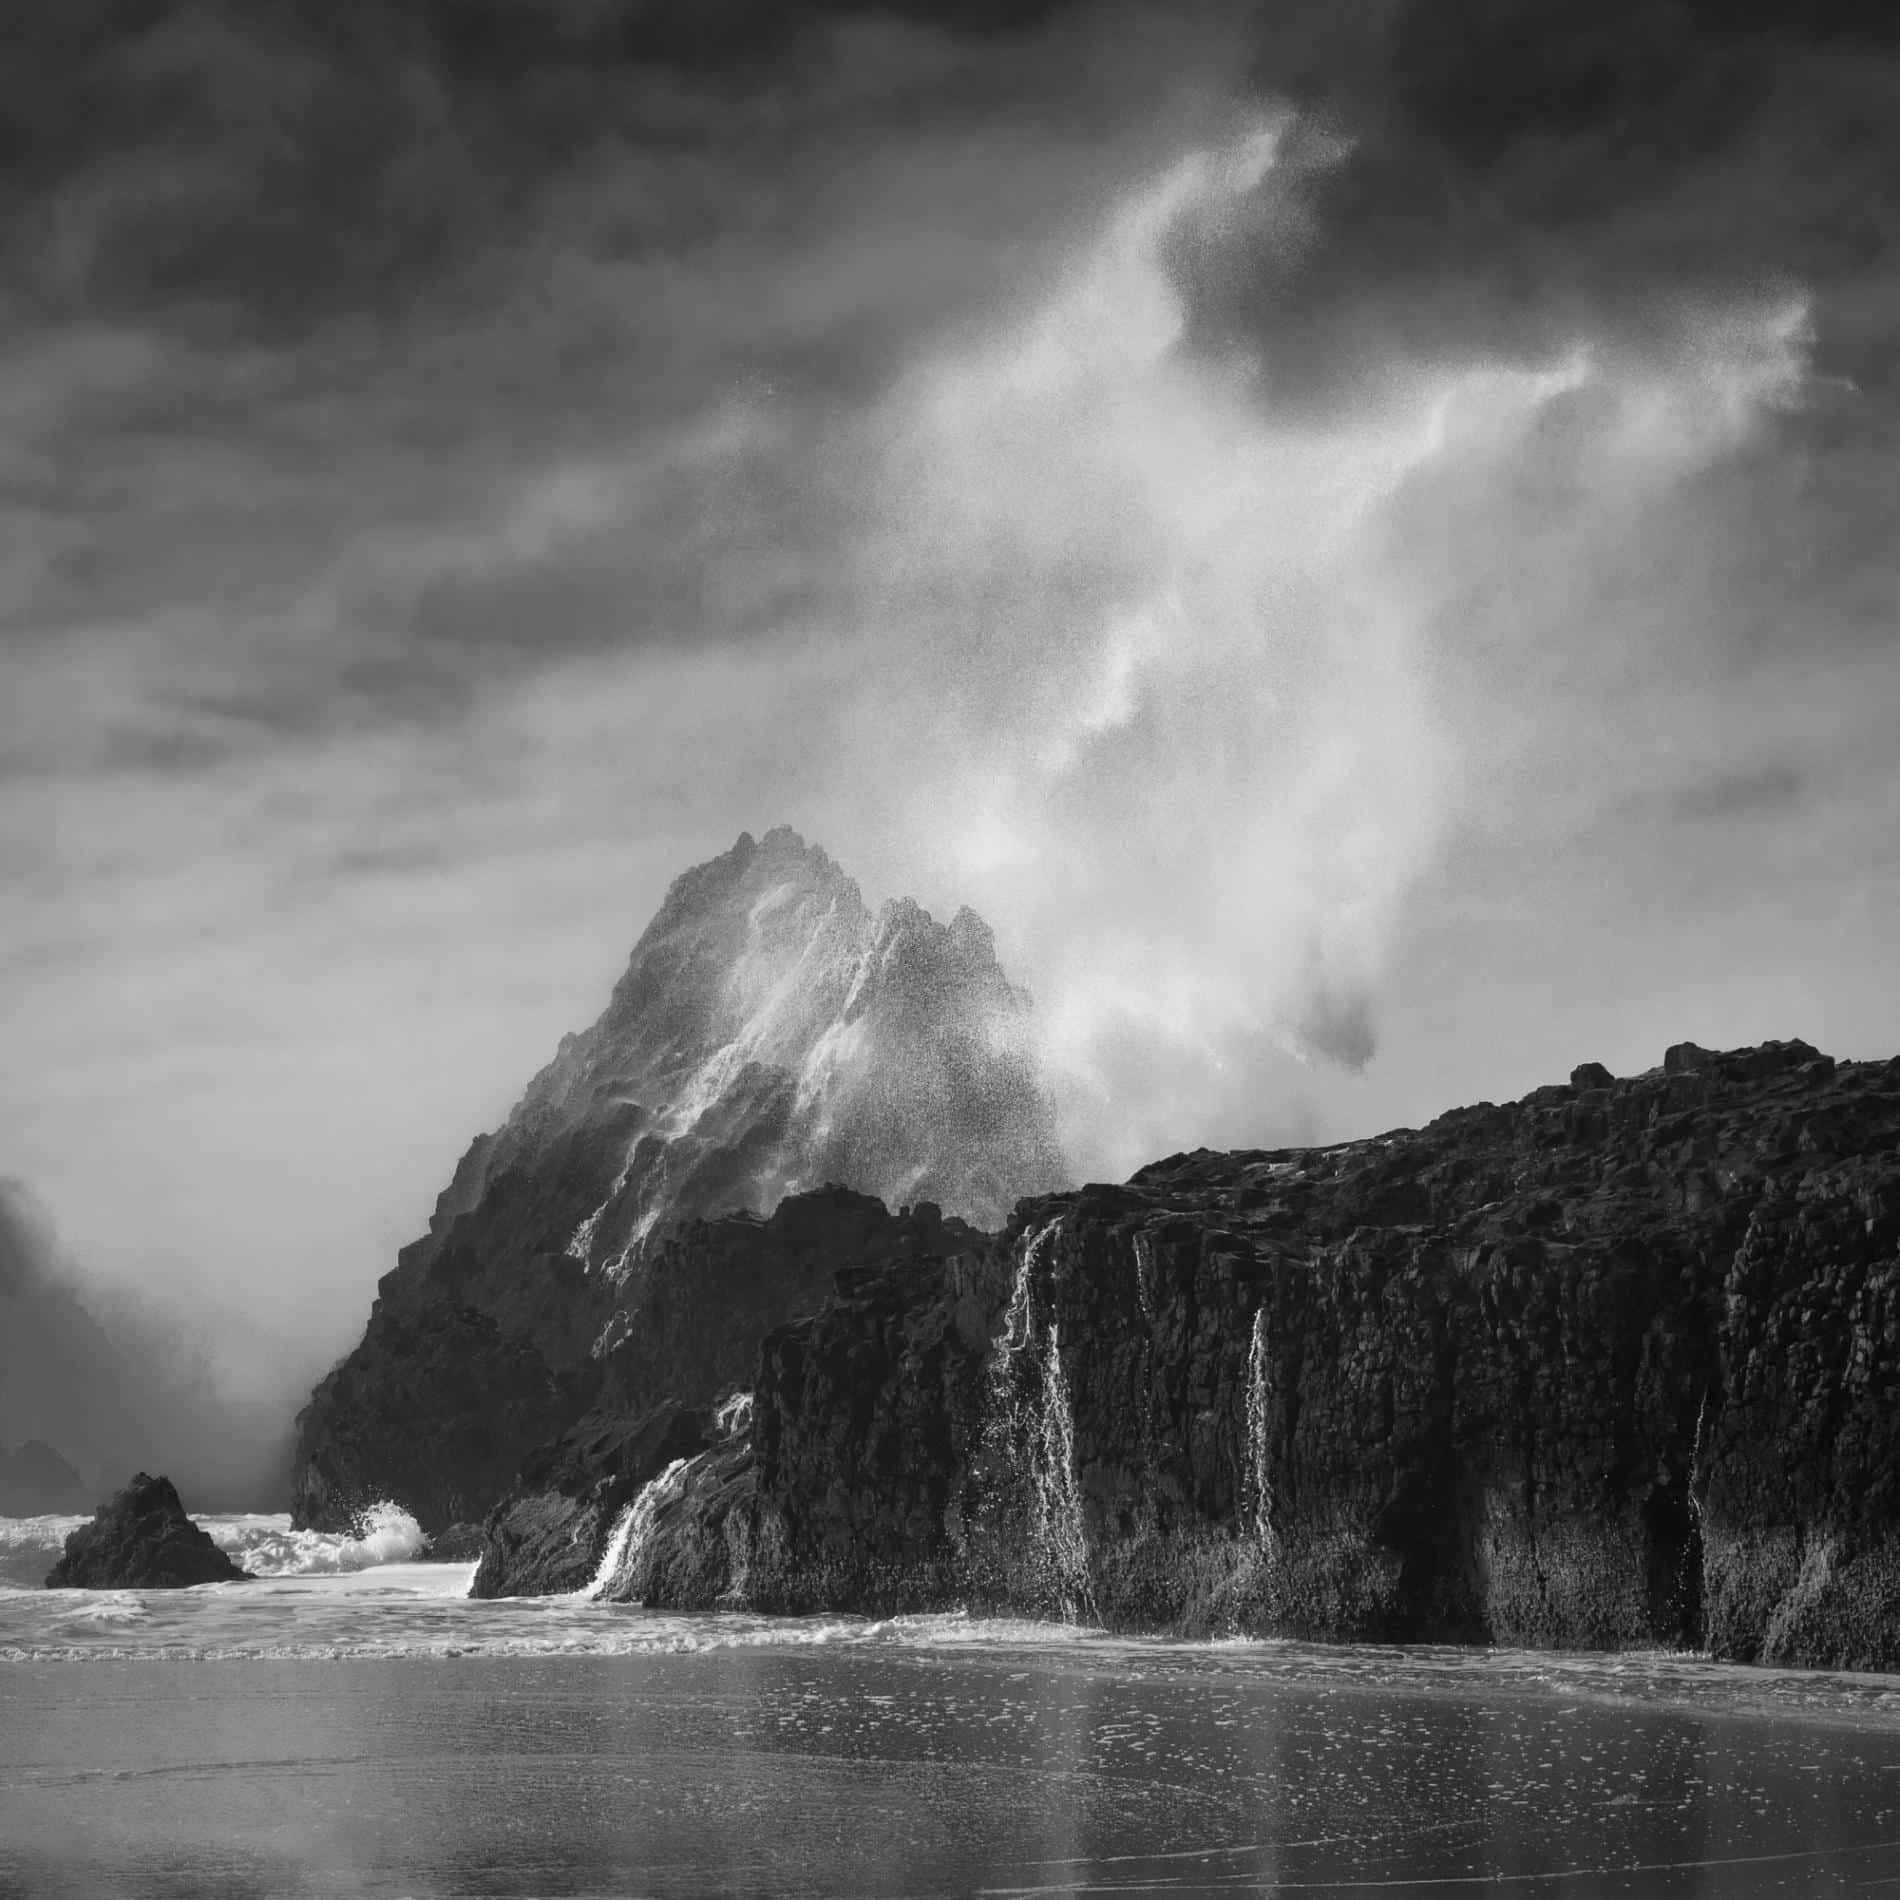 talibart tormentas y mareas lost world